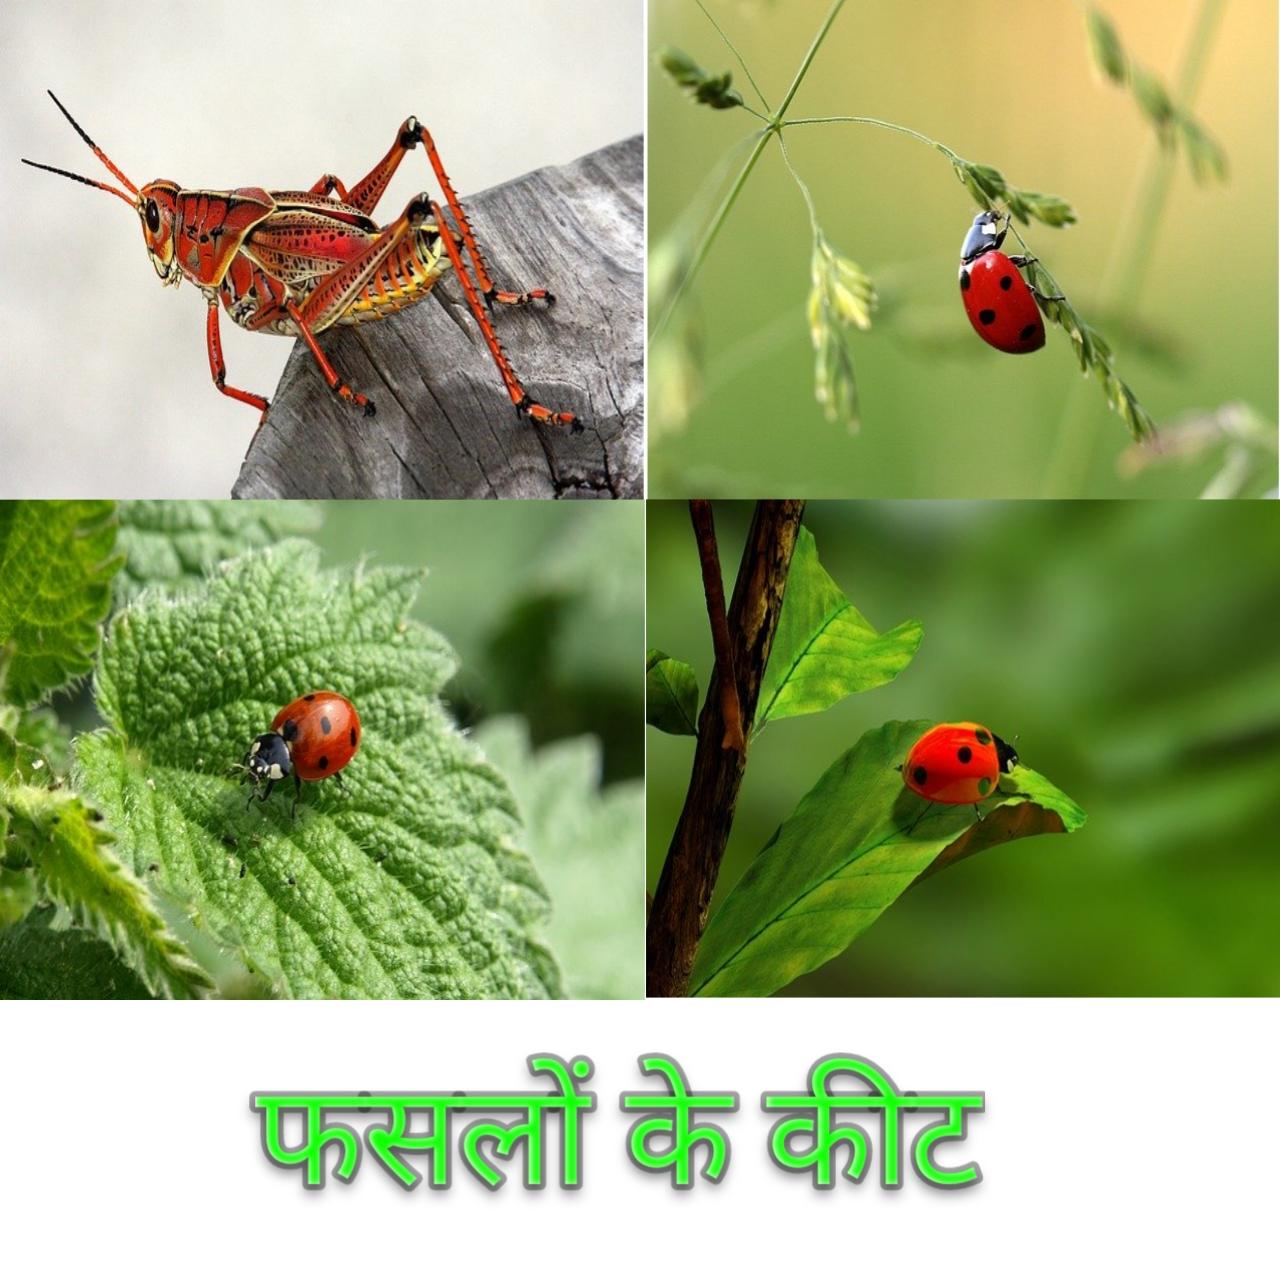 फसलों में लगने वाले कीटों का वर्गीकरण एवं उनका नियंत्रण Classification and control of insect pests